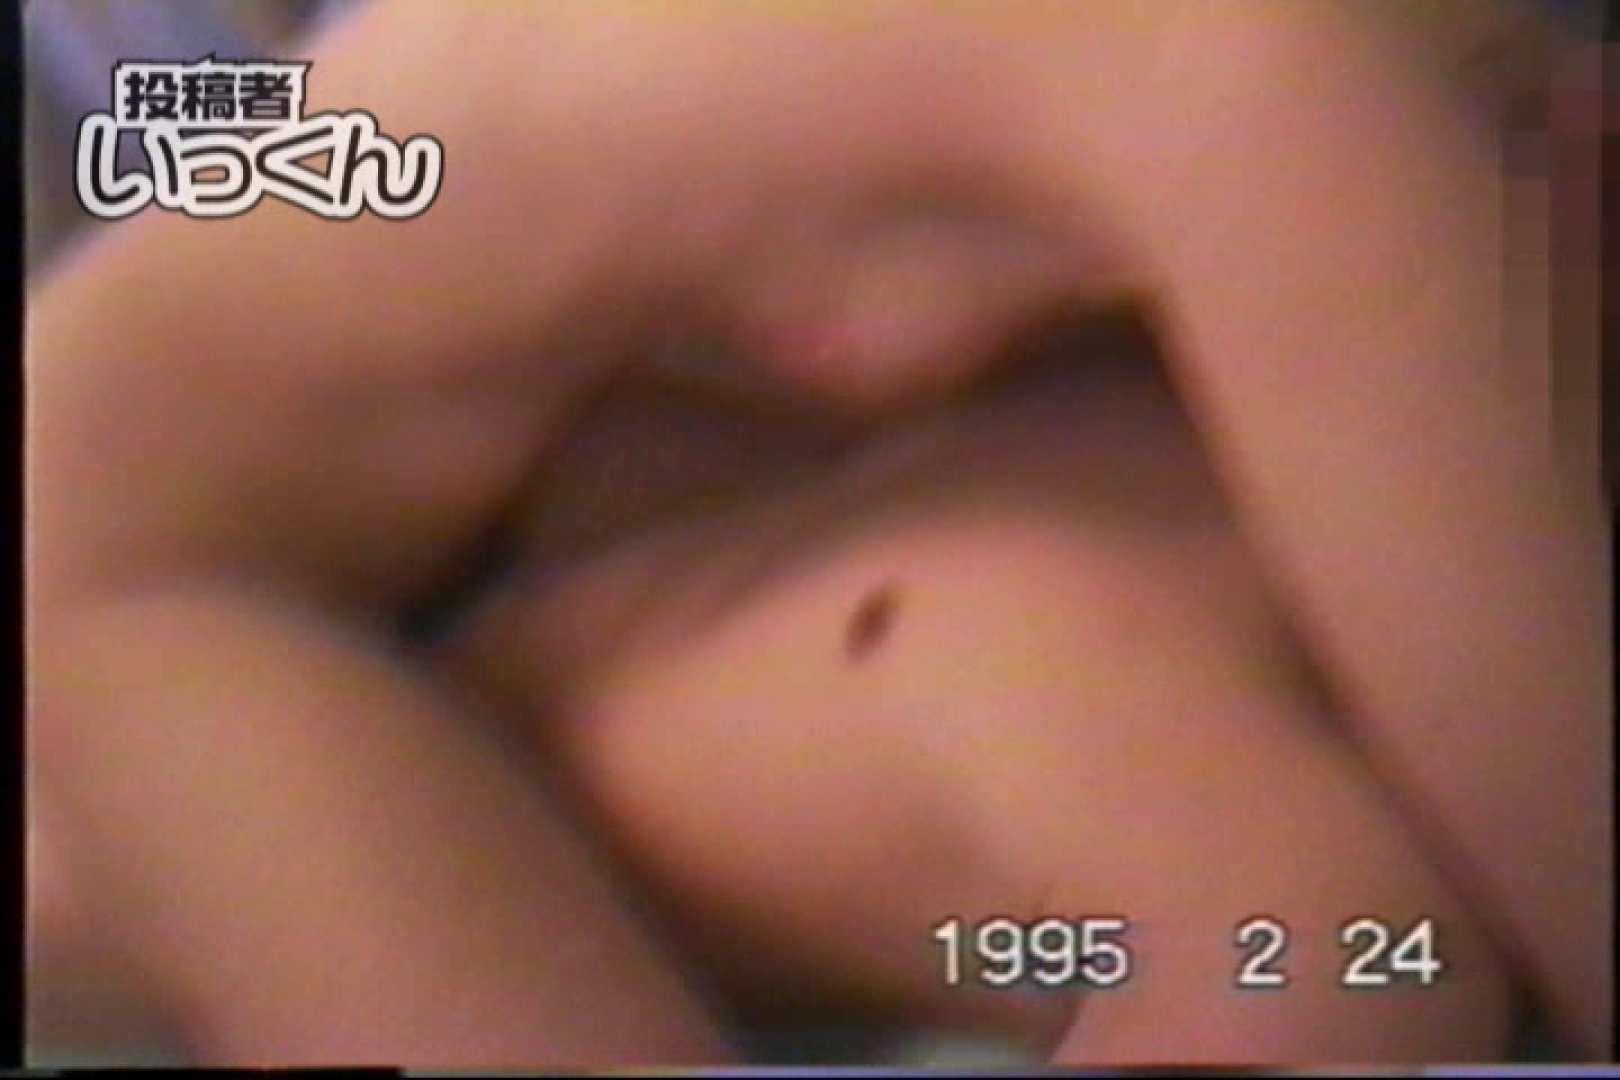 調教師いっくんの ちほ撮影バレ 盗撮 | 一般投稿  83pic 11